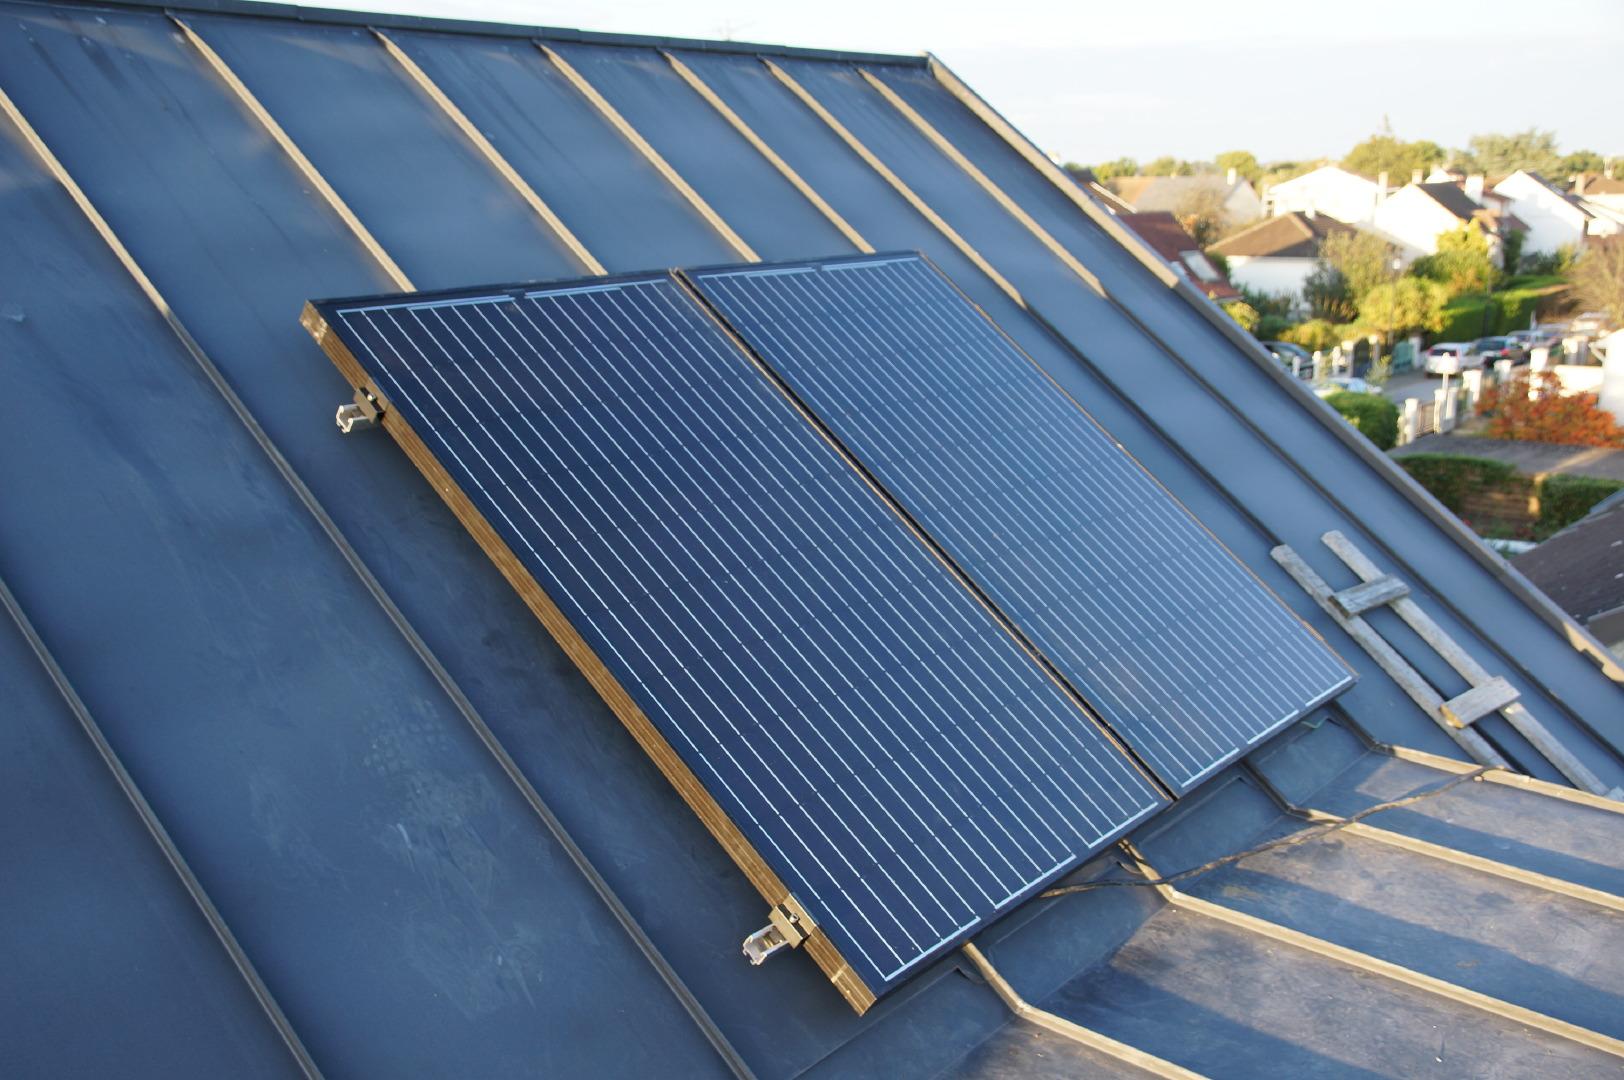 fixation panneau solaire toiture fixation panneau solaire toiture with fixation panneau solaire. Black Bedroom Furniture Sets. Home Design Ideas